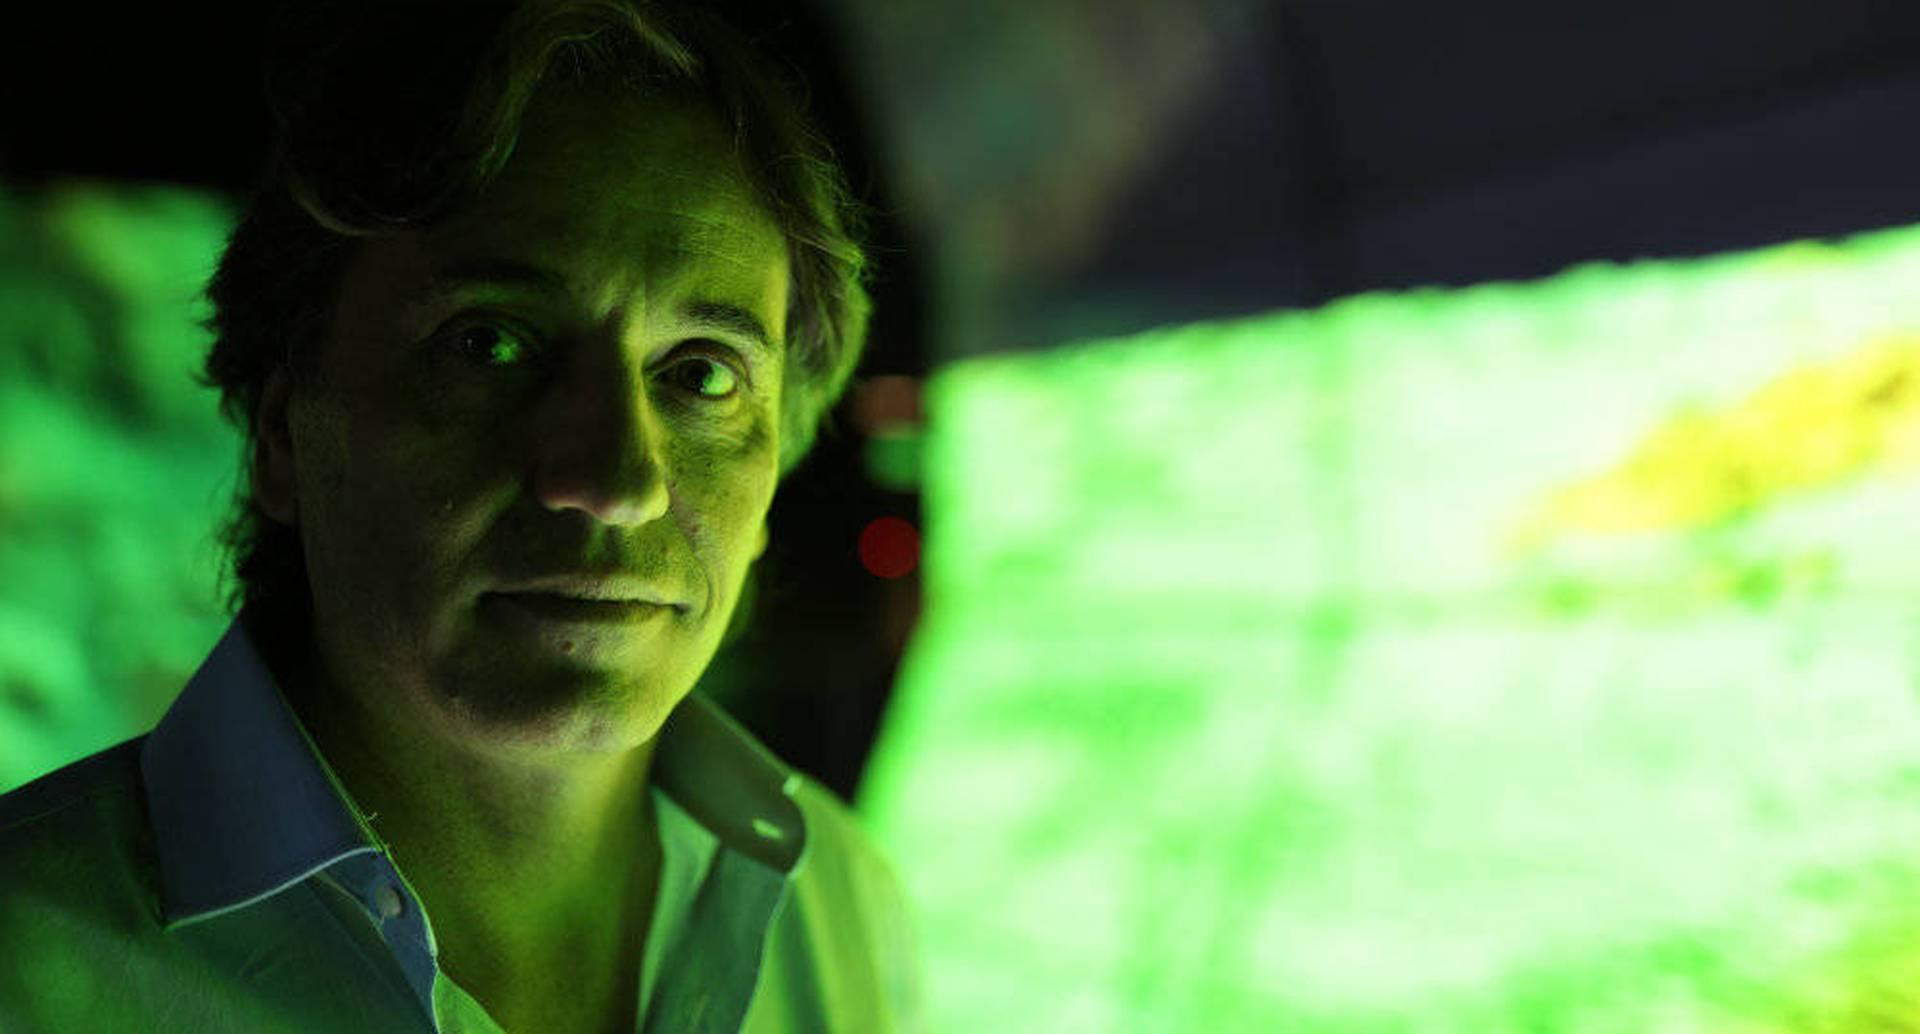 Francisco Estrada-Belli antropólogo que lideró el descubrimiento de la ciudad Maya.